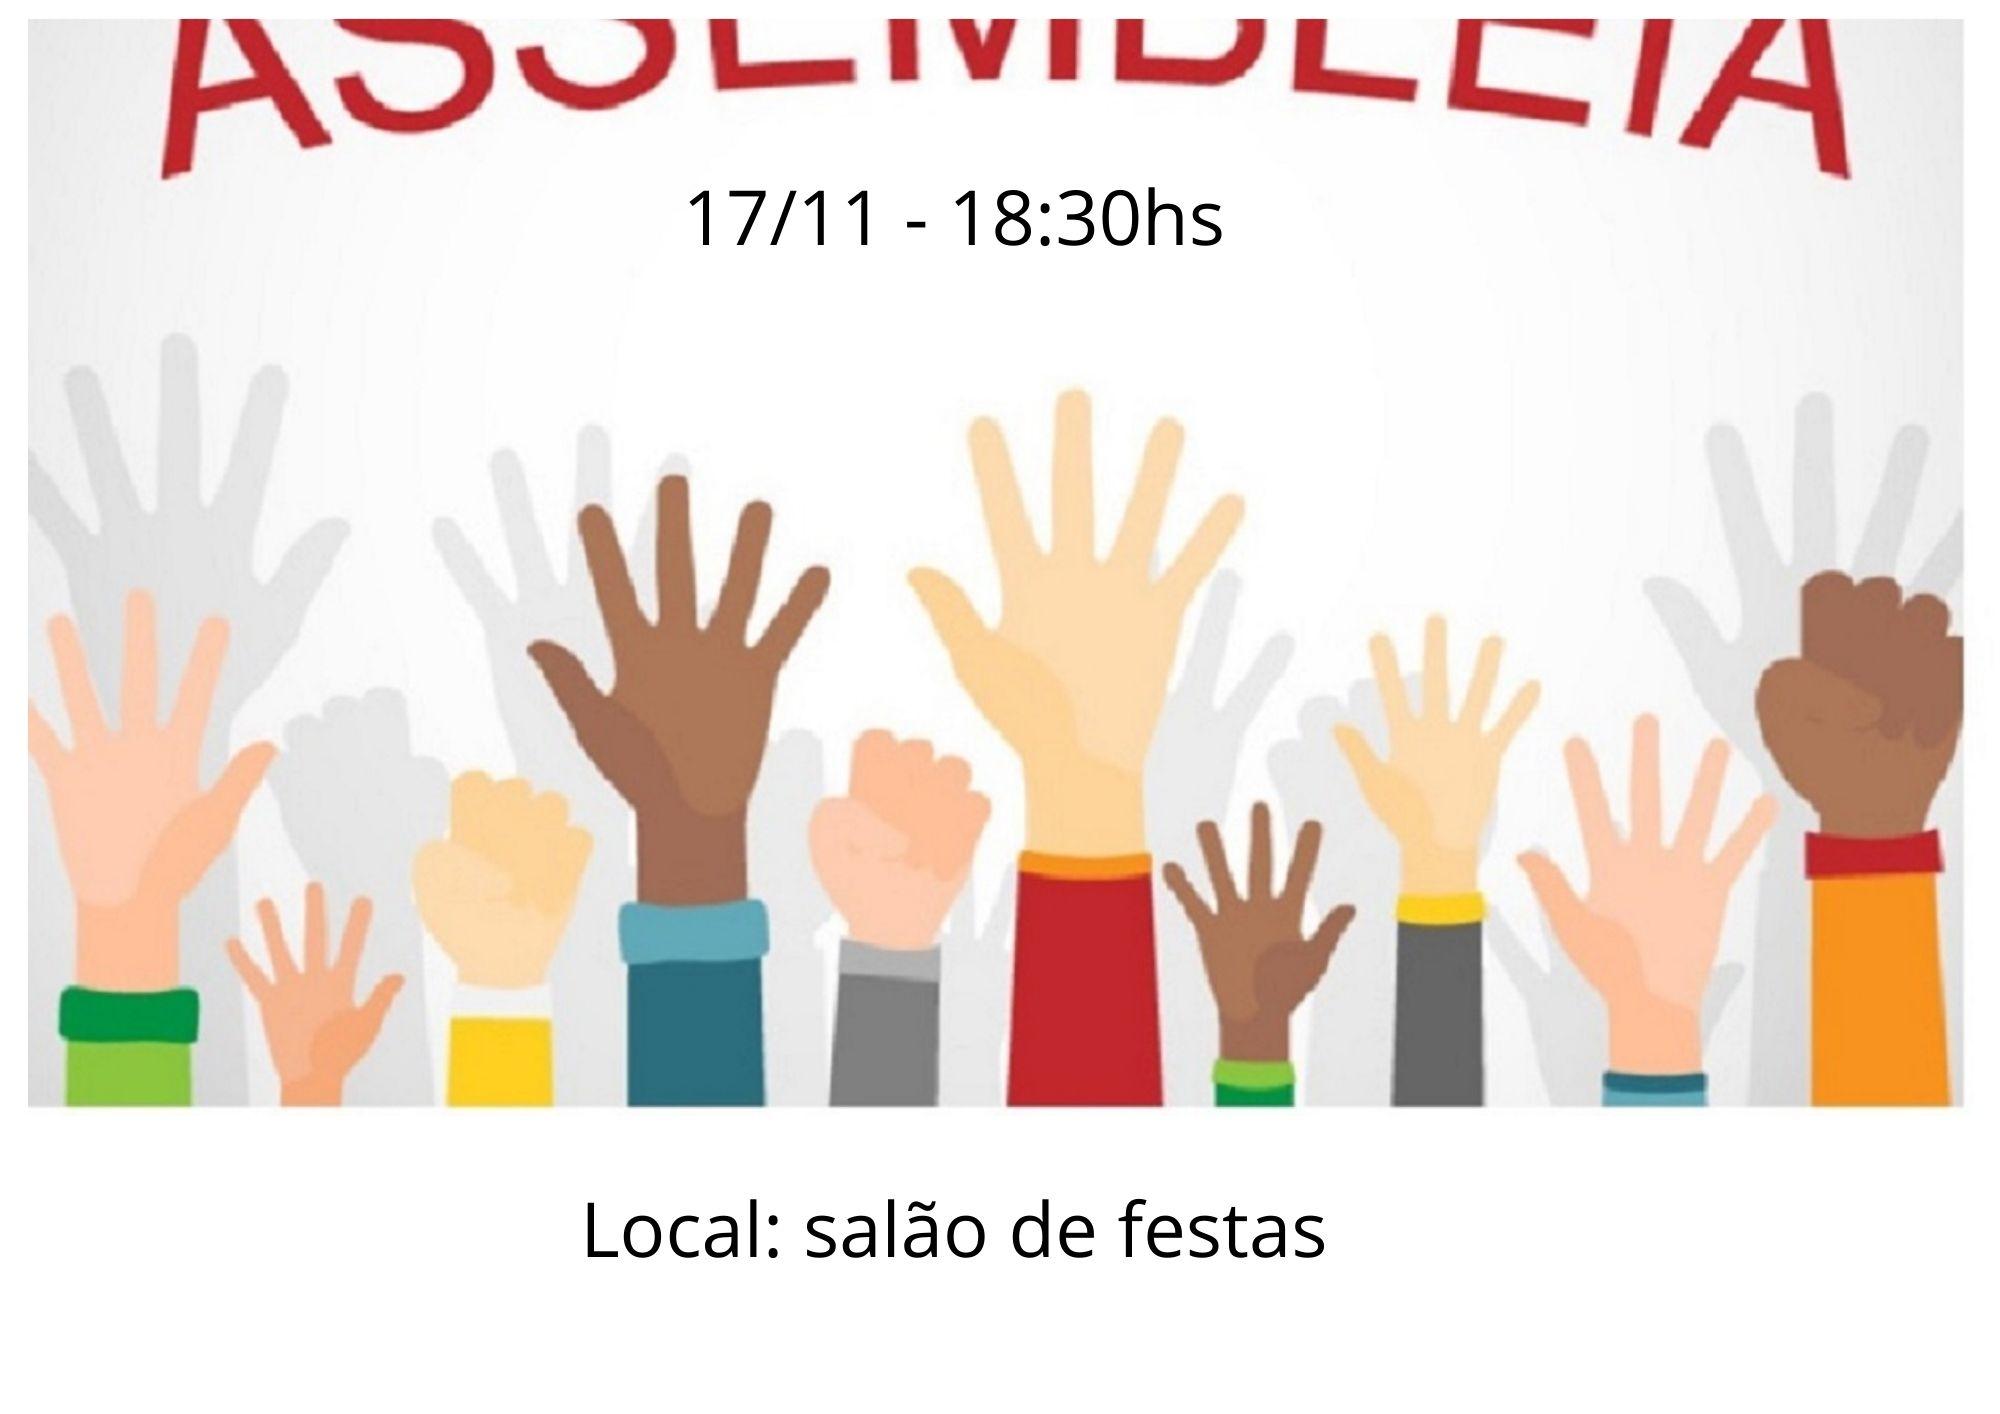 Assembleia Geral Extraordinária - 17/11 - 18:30hs